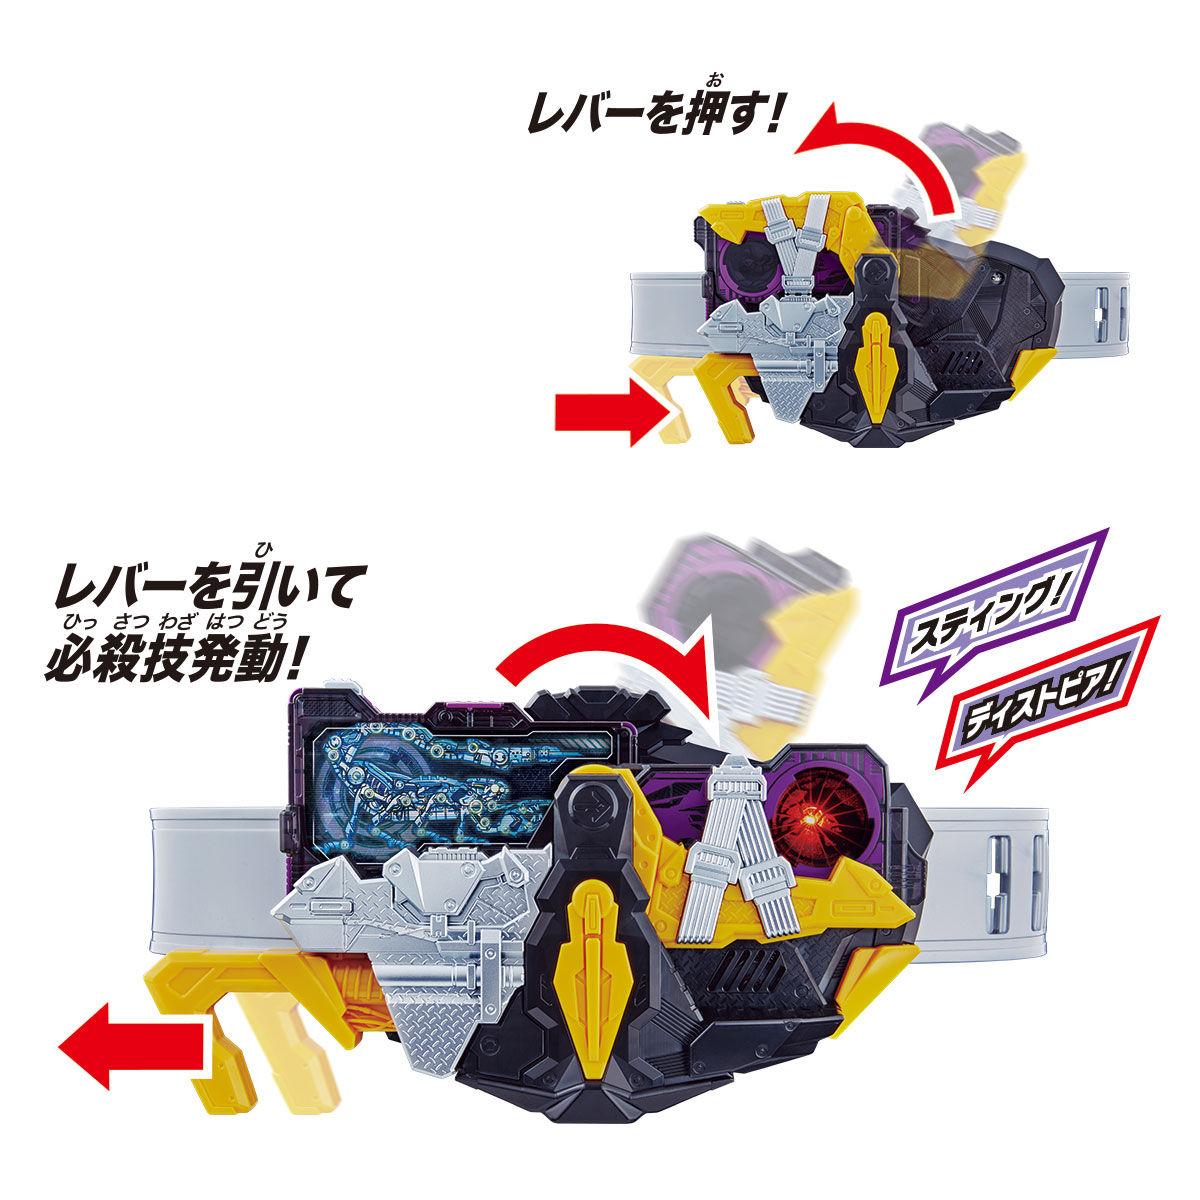 仮面ライダーゼロワン『DX滅亡迅雷フォースライザー』変身ベルト-007